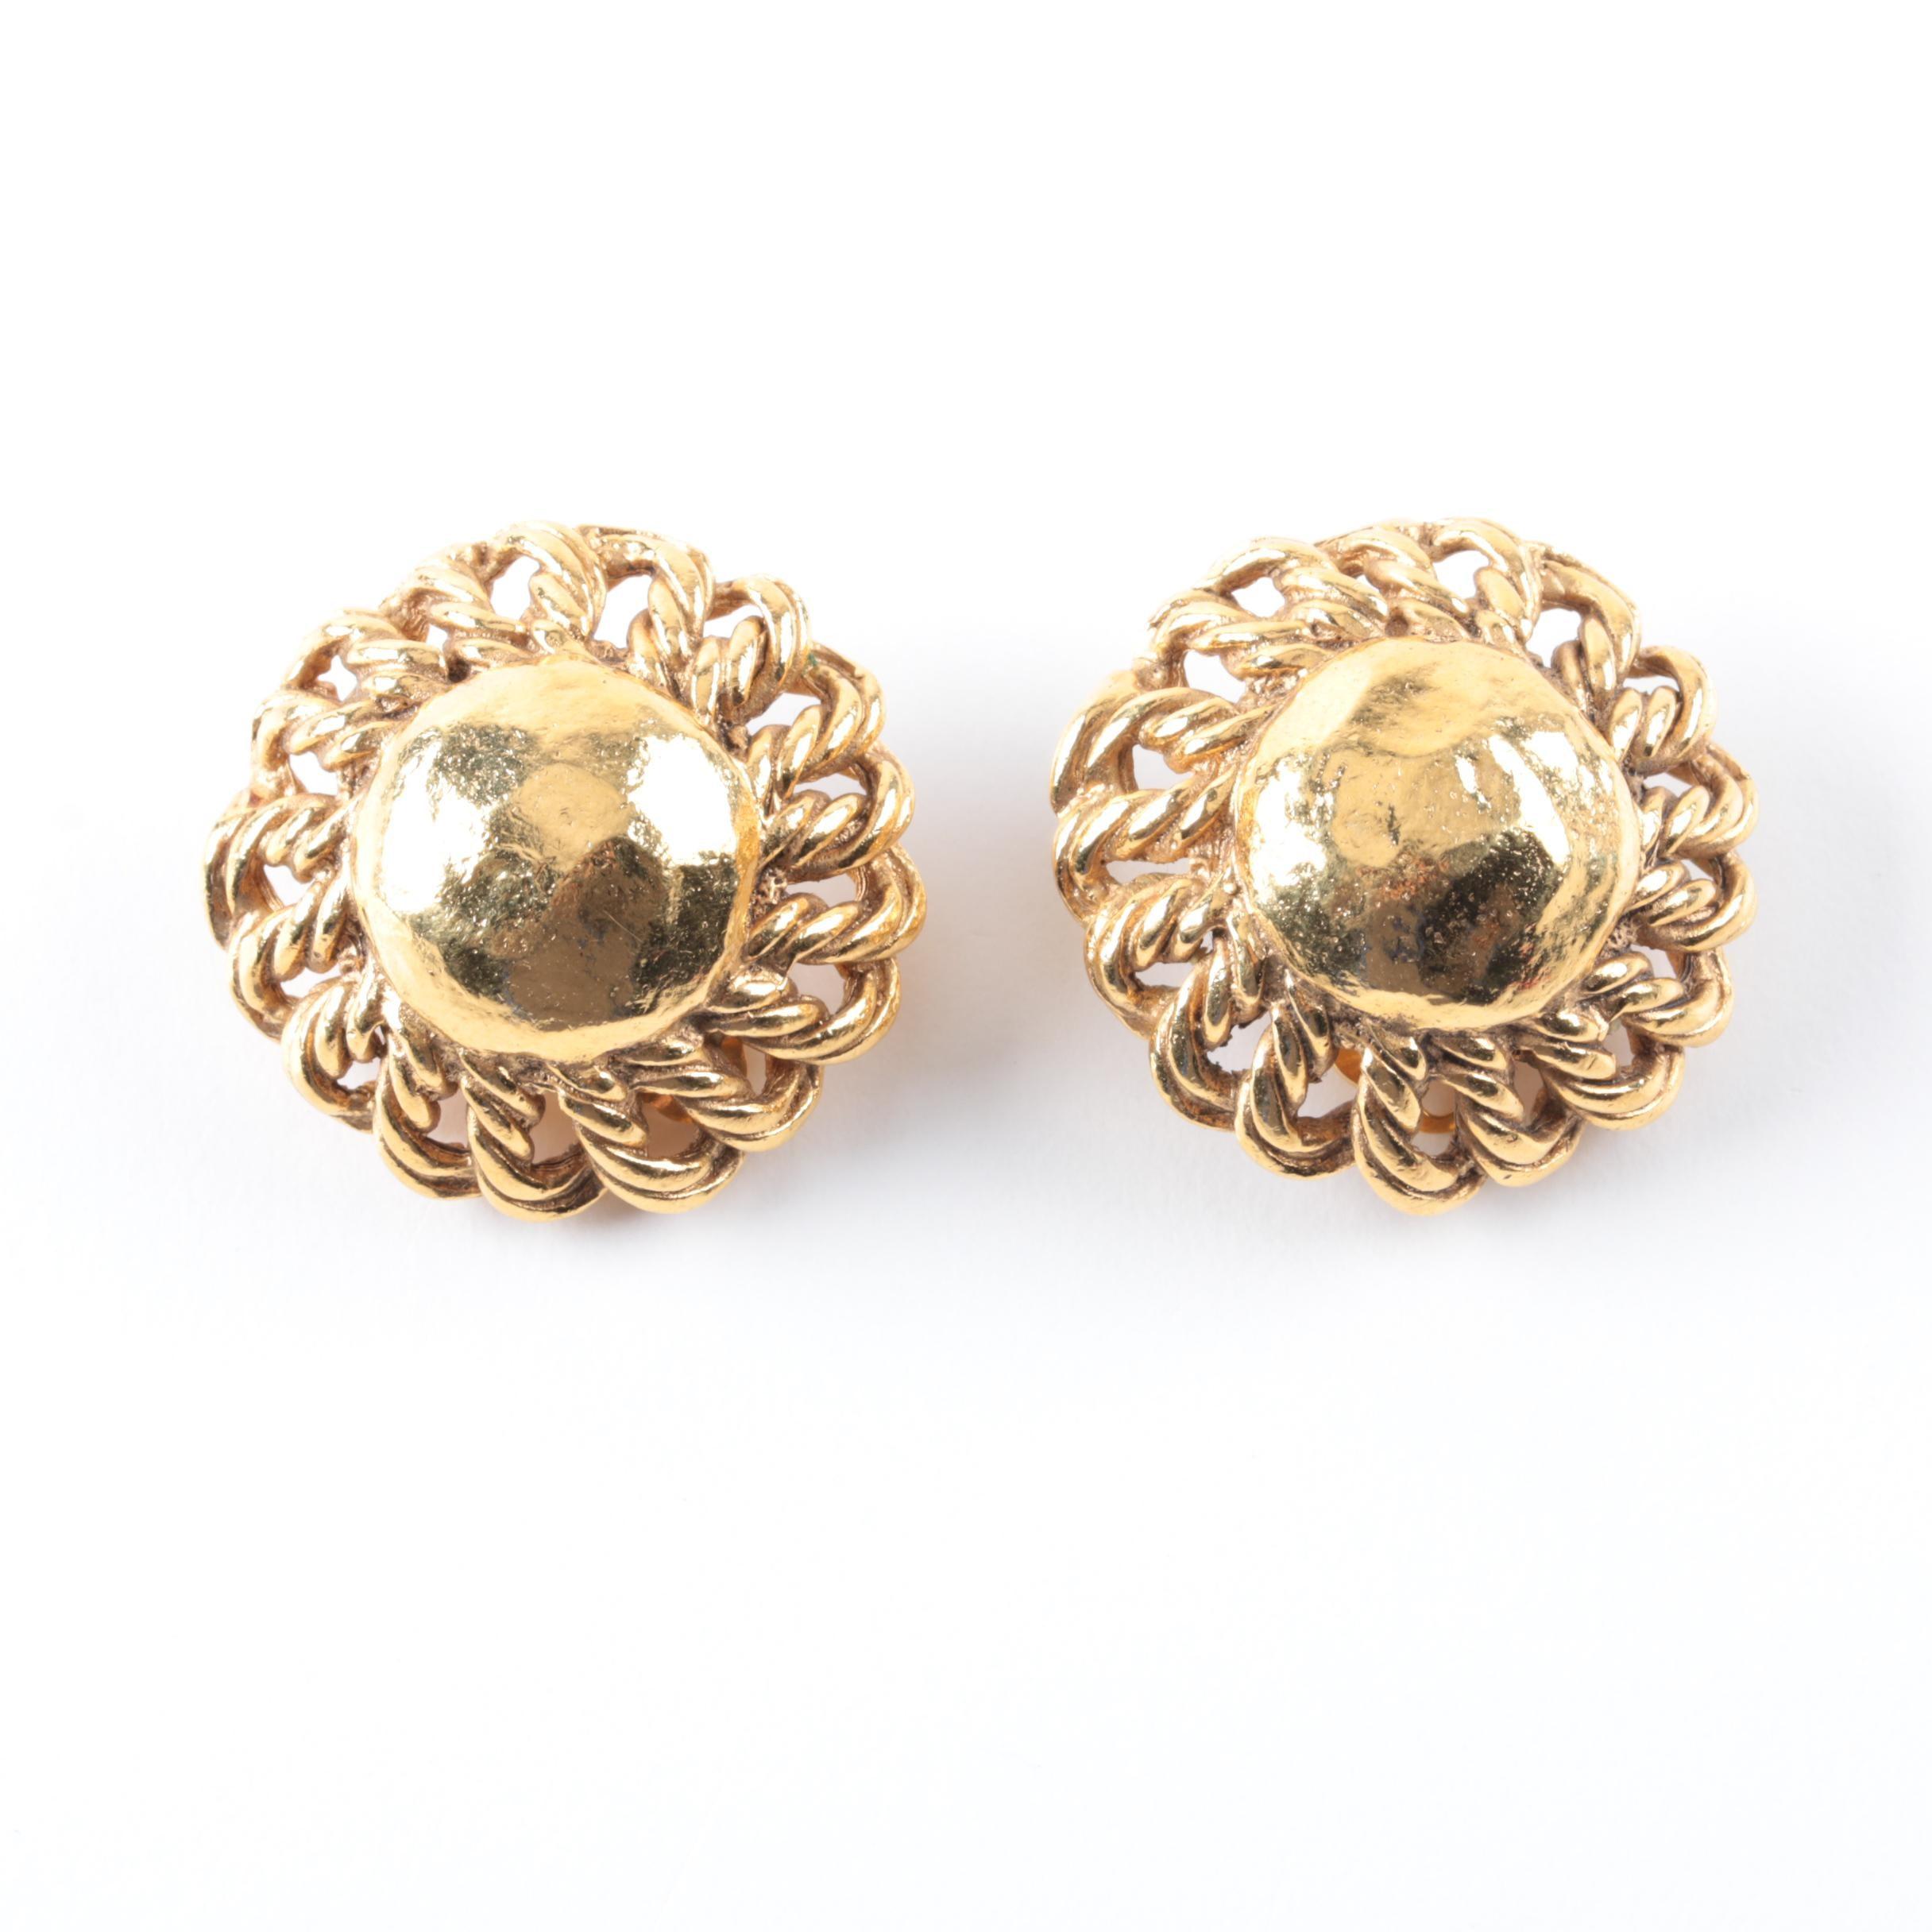 Designer Accessories, Fashion, Jewelry & More